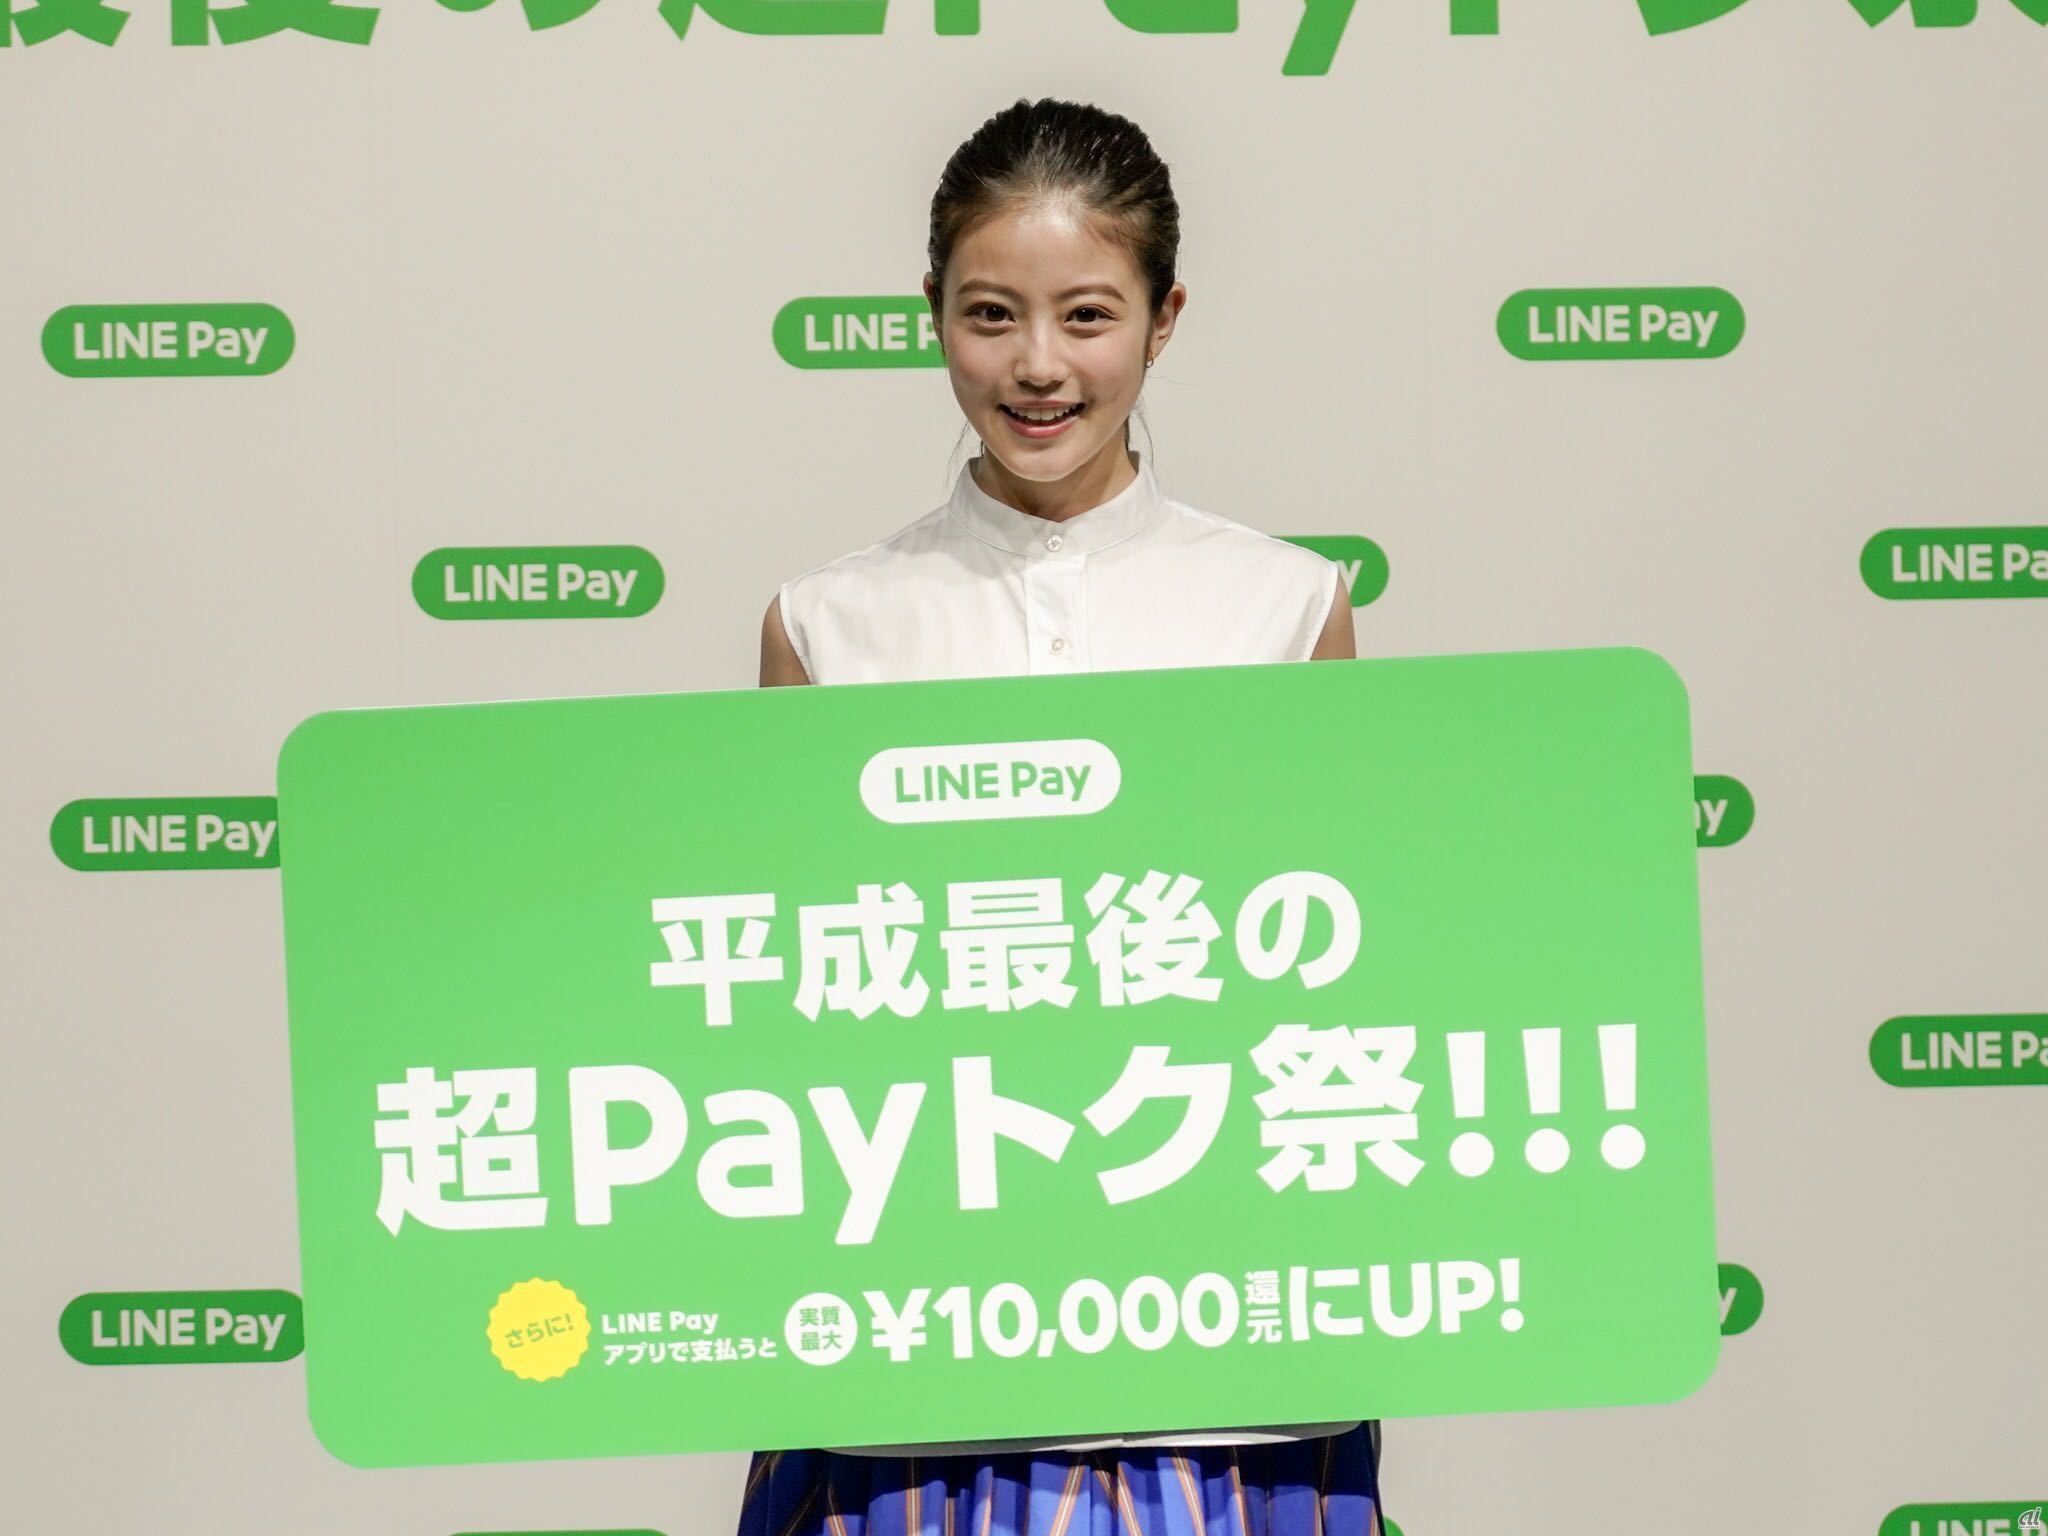 【決済】LINE Pay、平成最後の20%還元キャンペーン発表–専用アプリで最大1万円還元